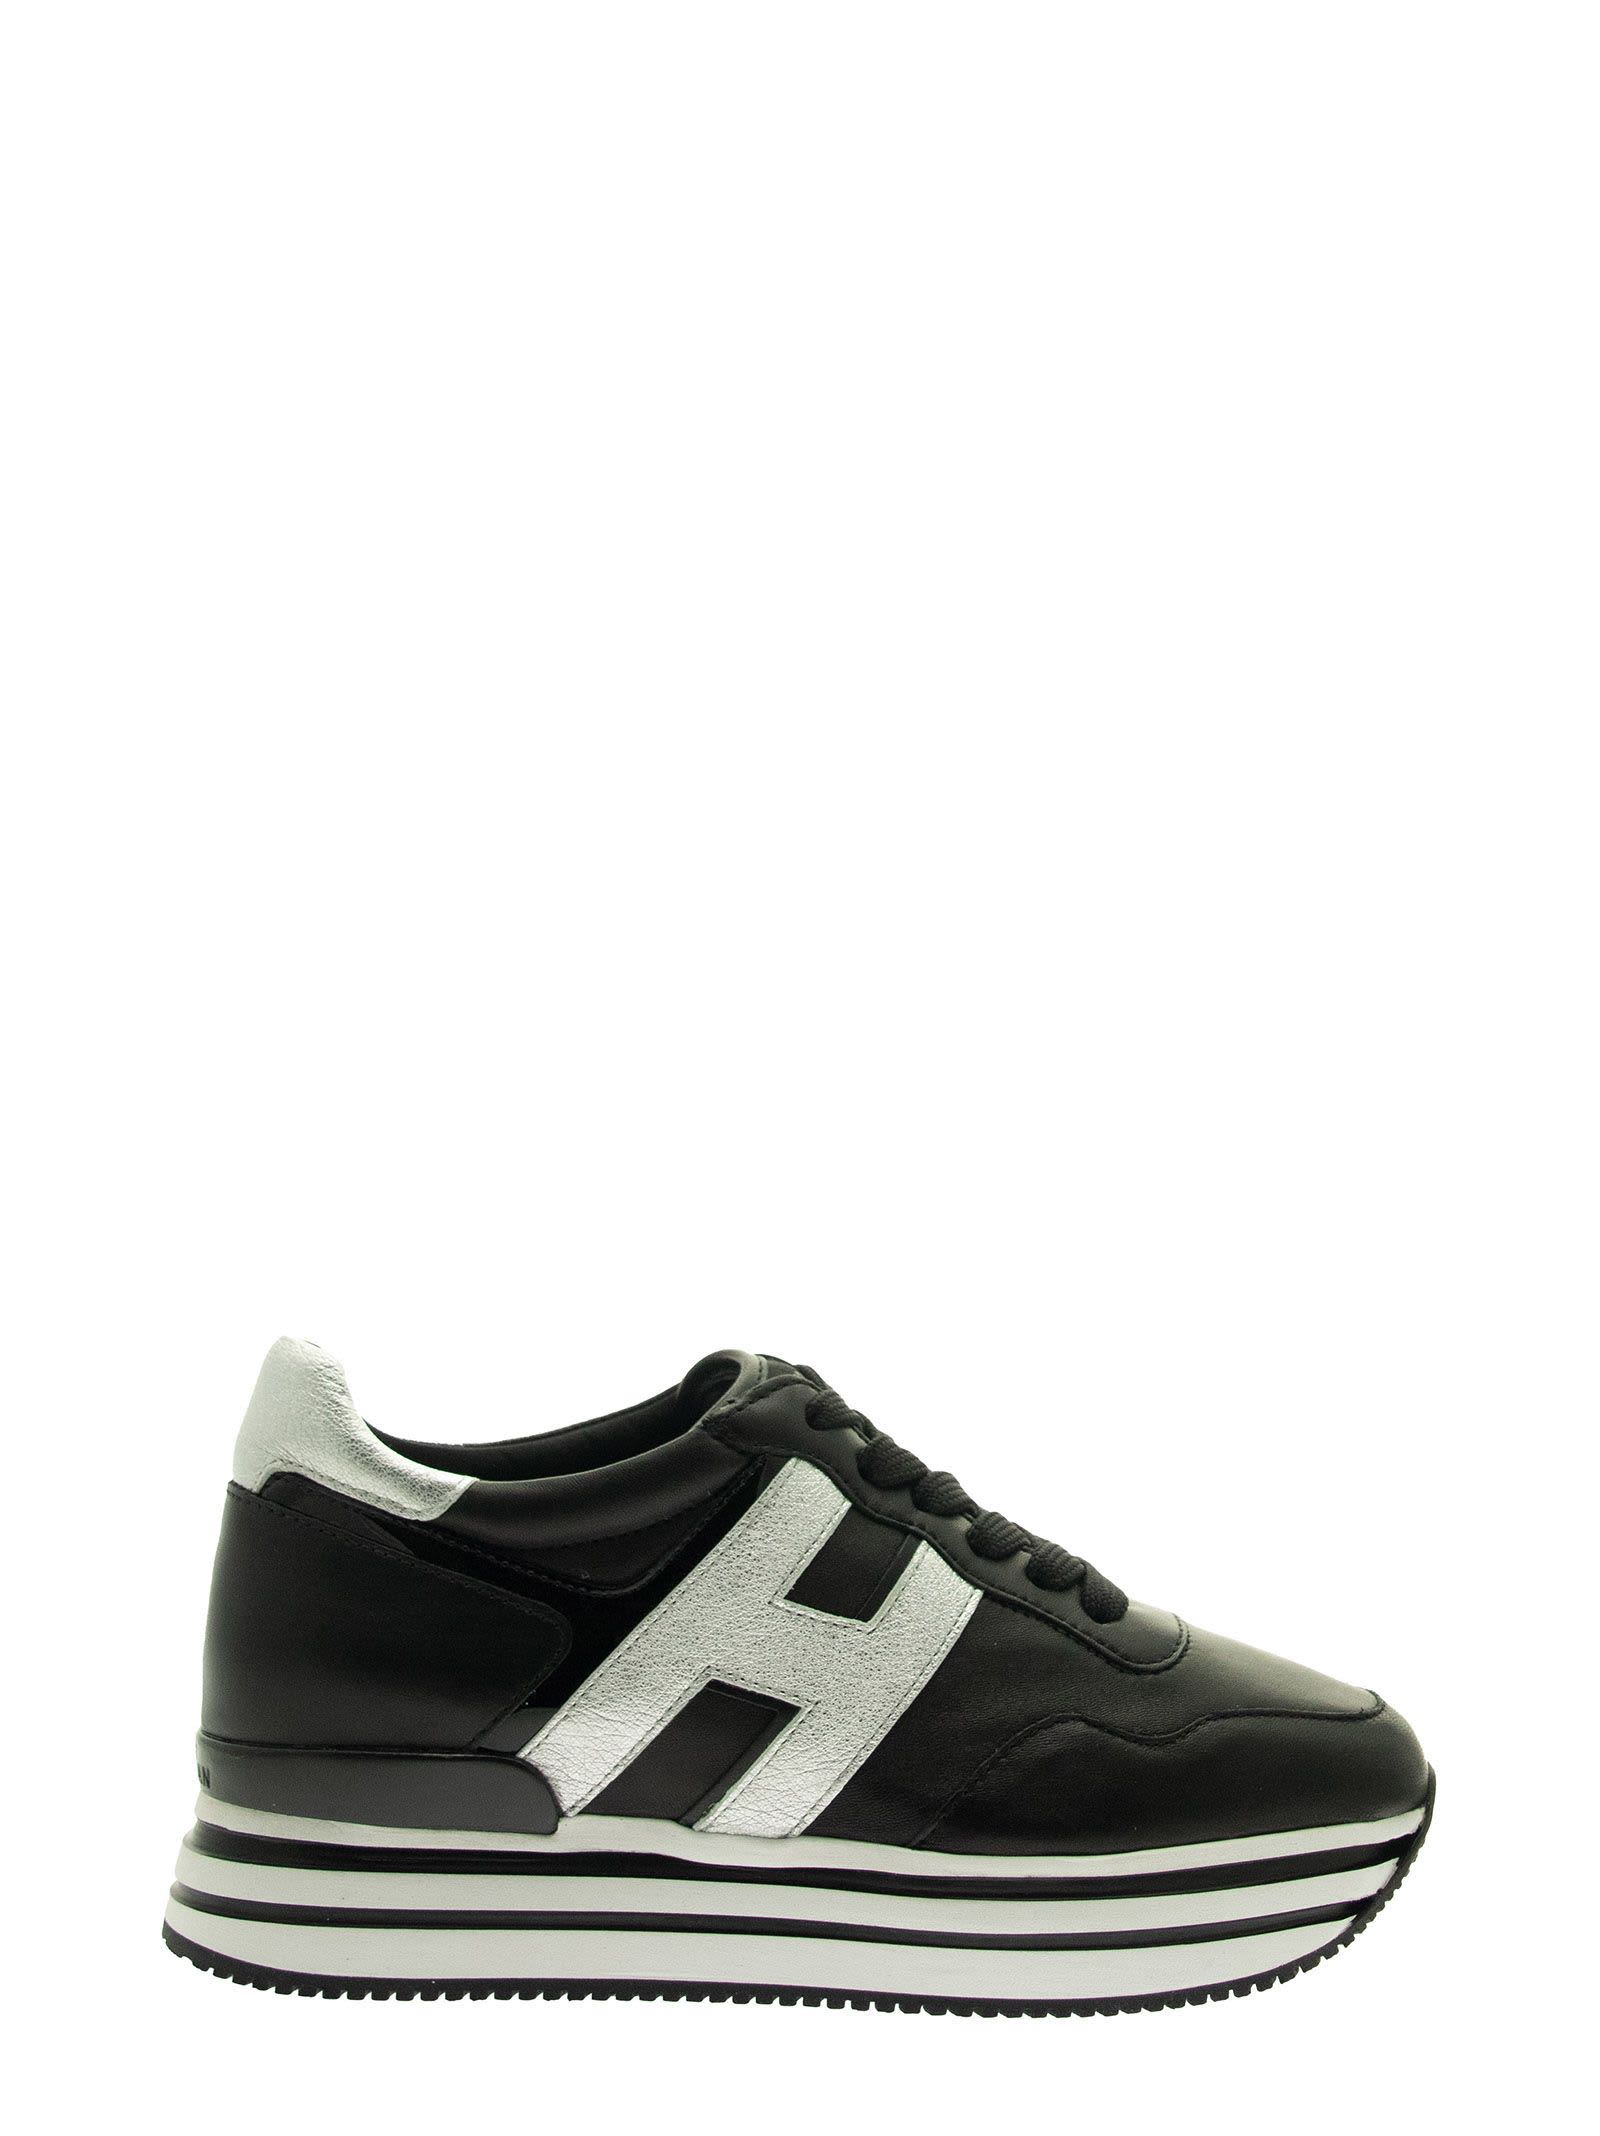 Hogan H483 MIDI H222 BLACK, SILVER SNEAKER